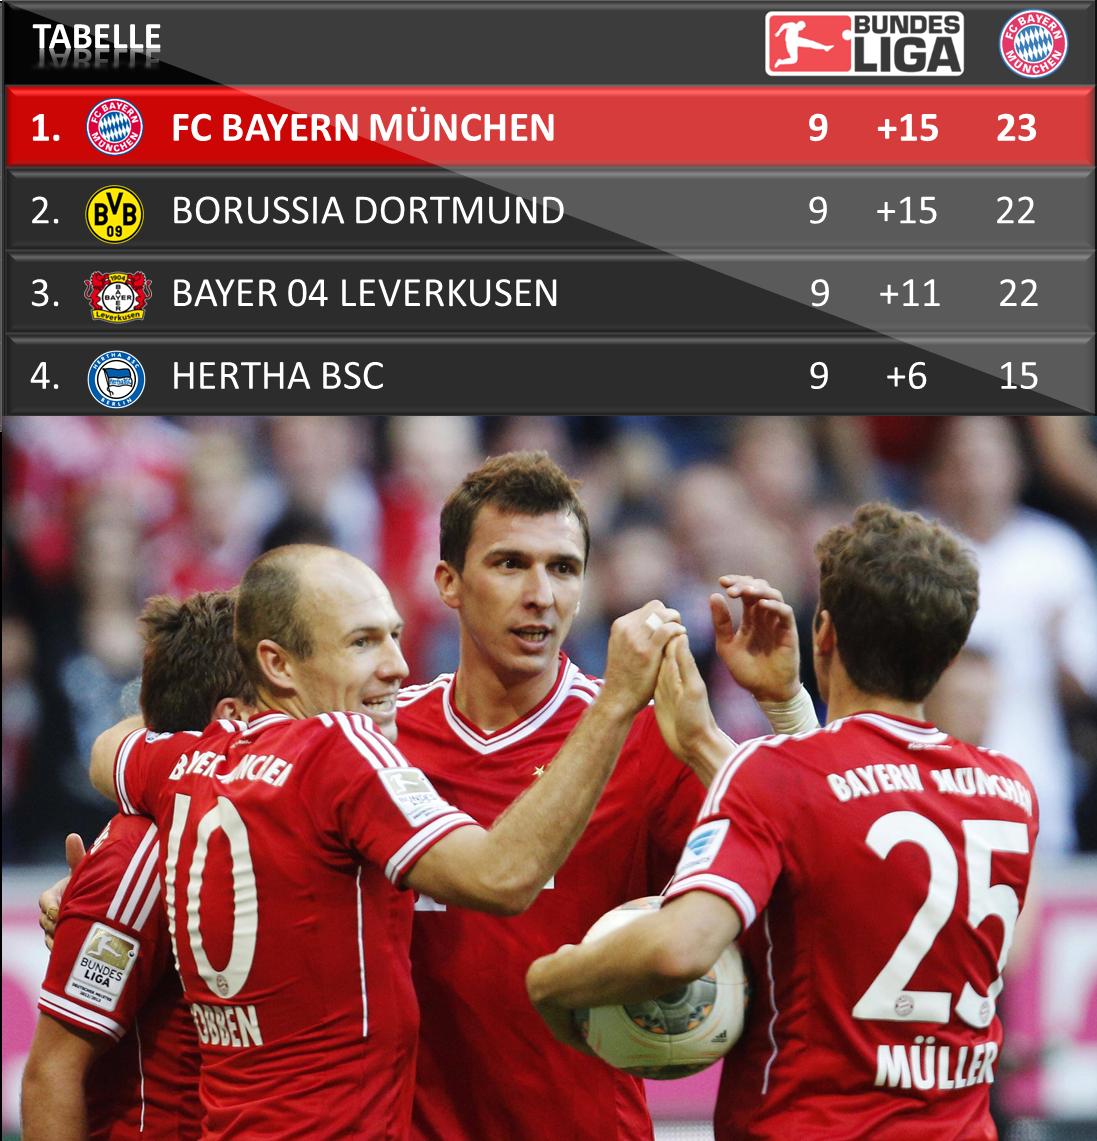 23 Punkte nach 9 Spieltagen - Guten Morgen Spitzenreiter! // 23 points after 9 matches - top of the league! #FCBayern http://t.co/wmfND3SOEC